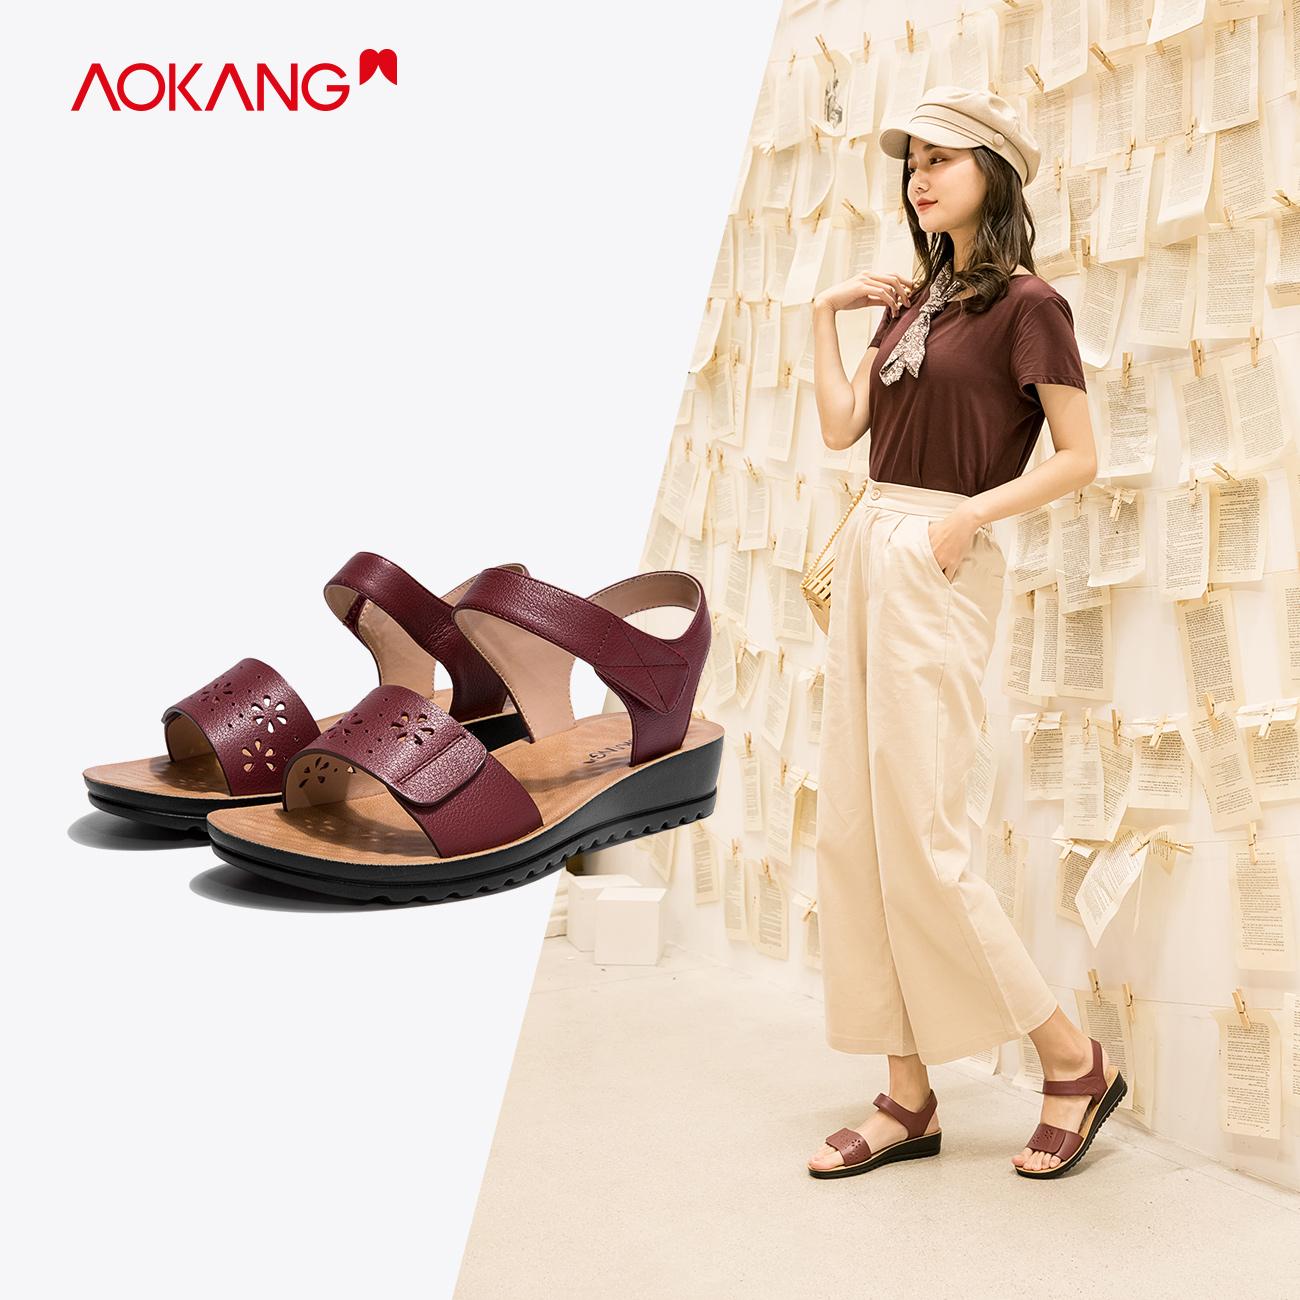 奥康女鞋2020夏季新款牛皮革真皮软底舒适镂空防滑透气妈妈凉鞋